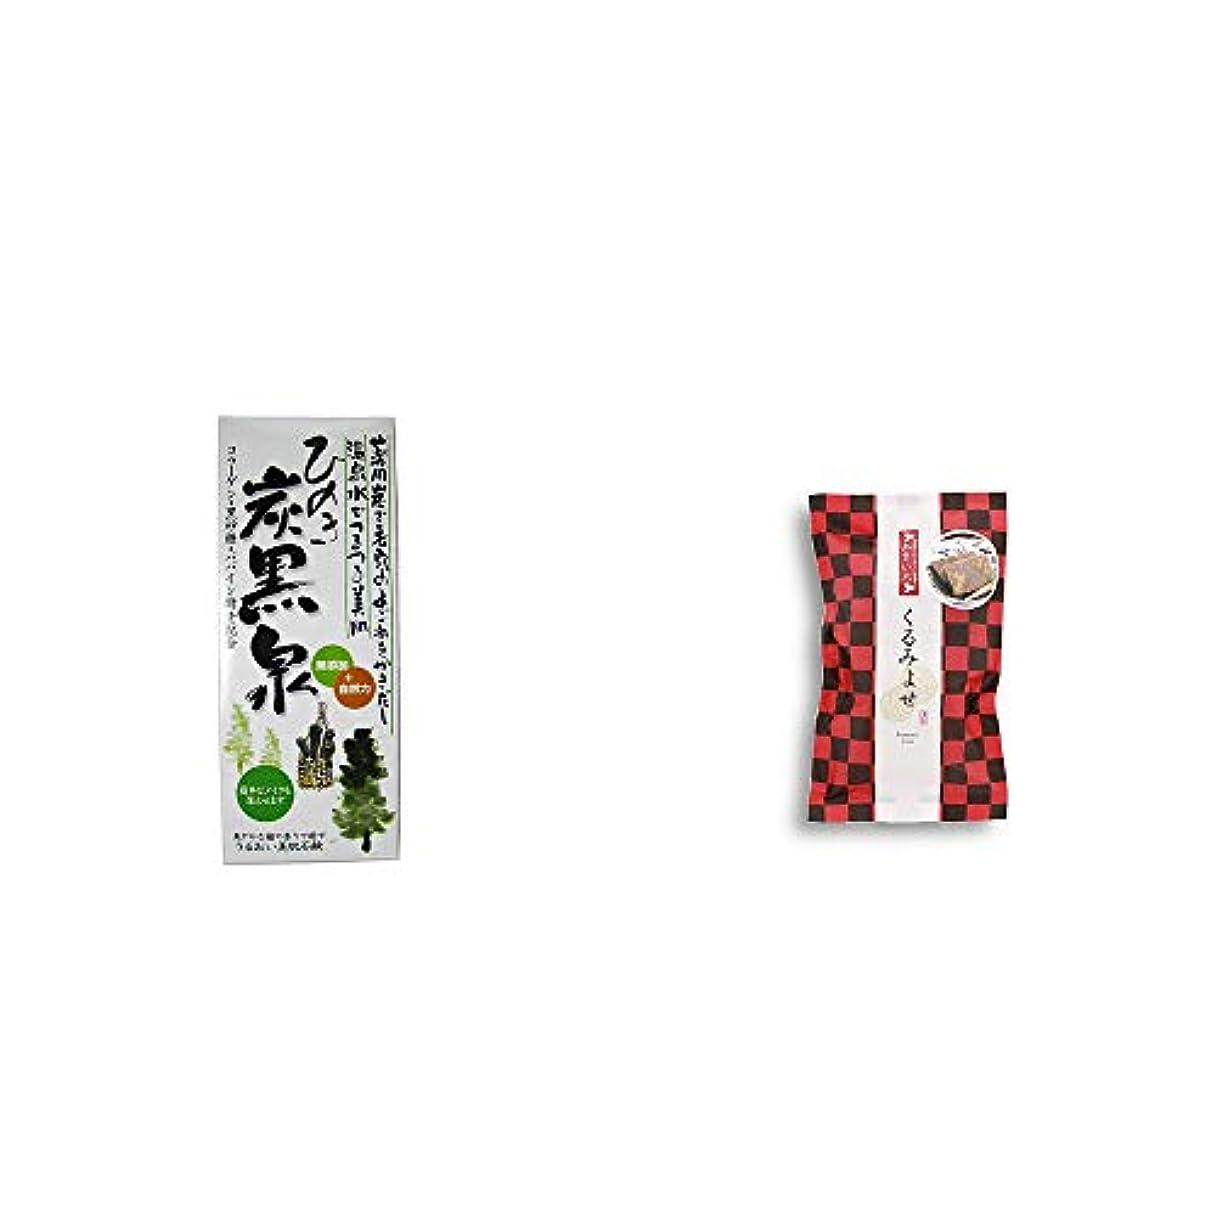 植木助言歯車[2点セット] ひのき炭黒泉 箱入り(75g×3)?くるみよせ(こし餡)(5個入)